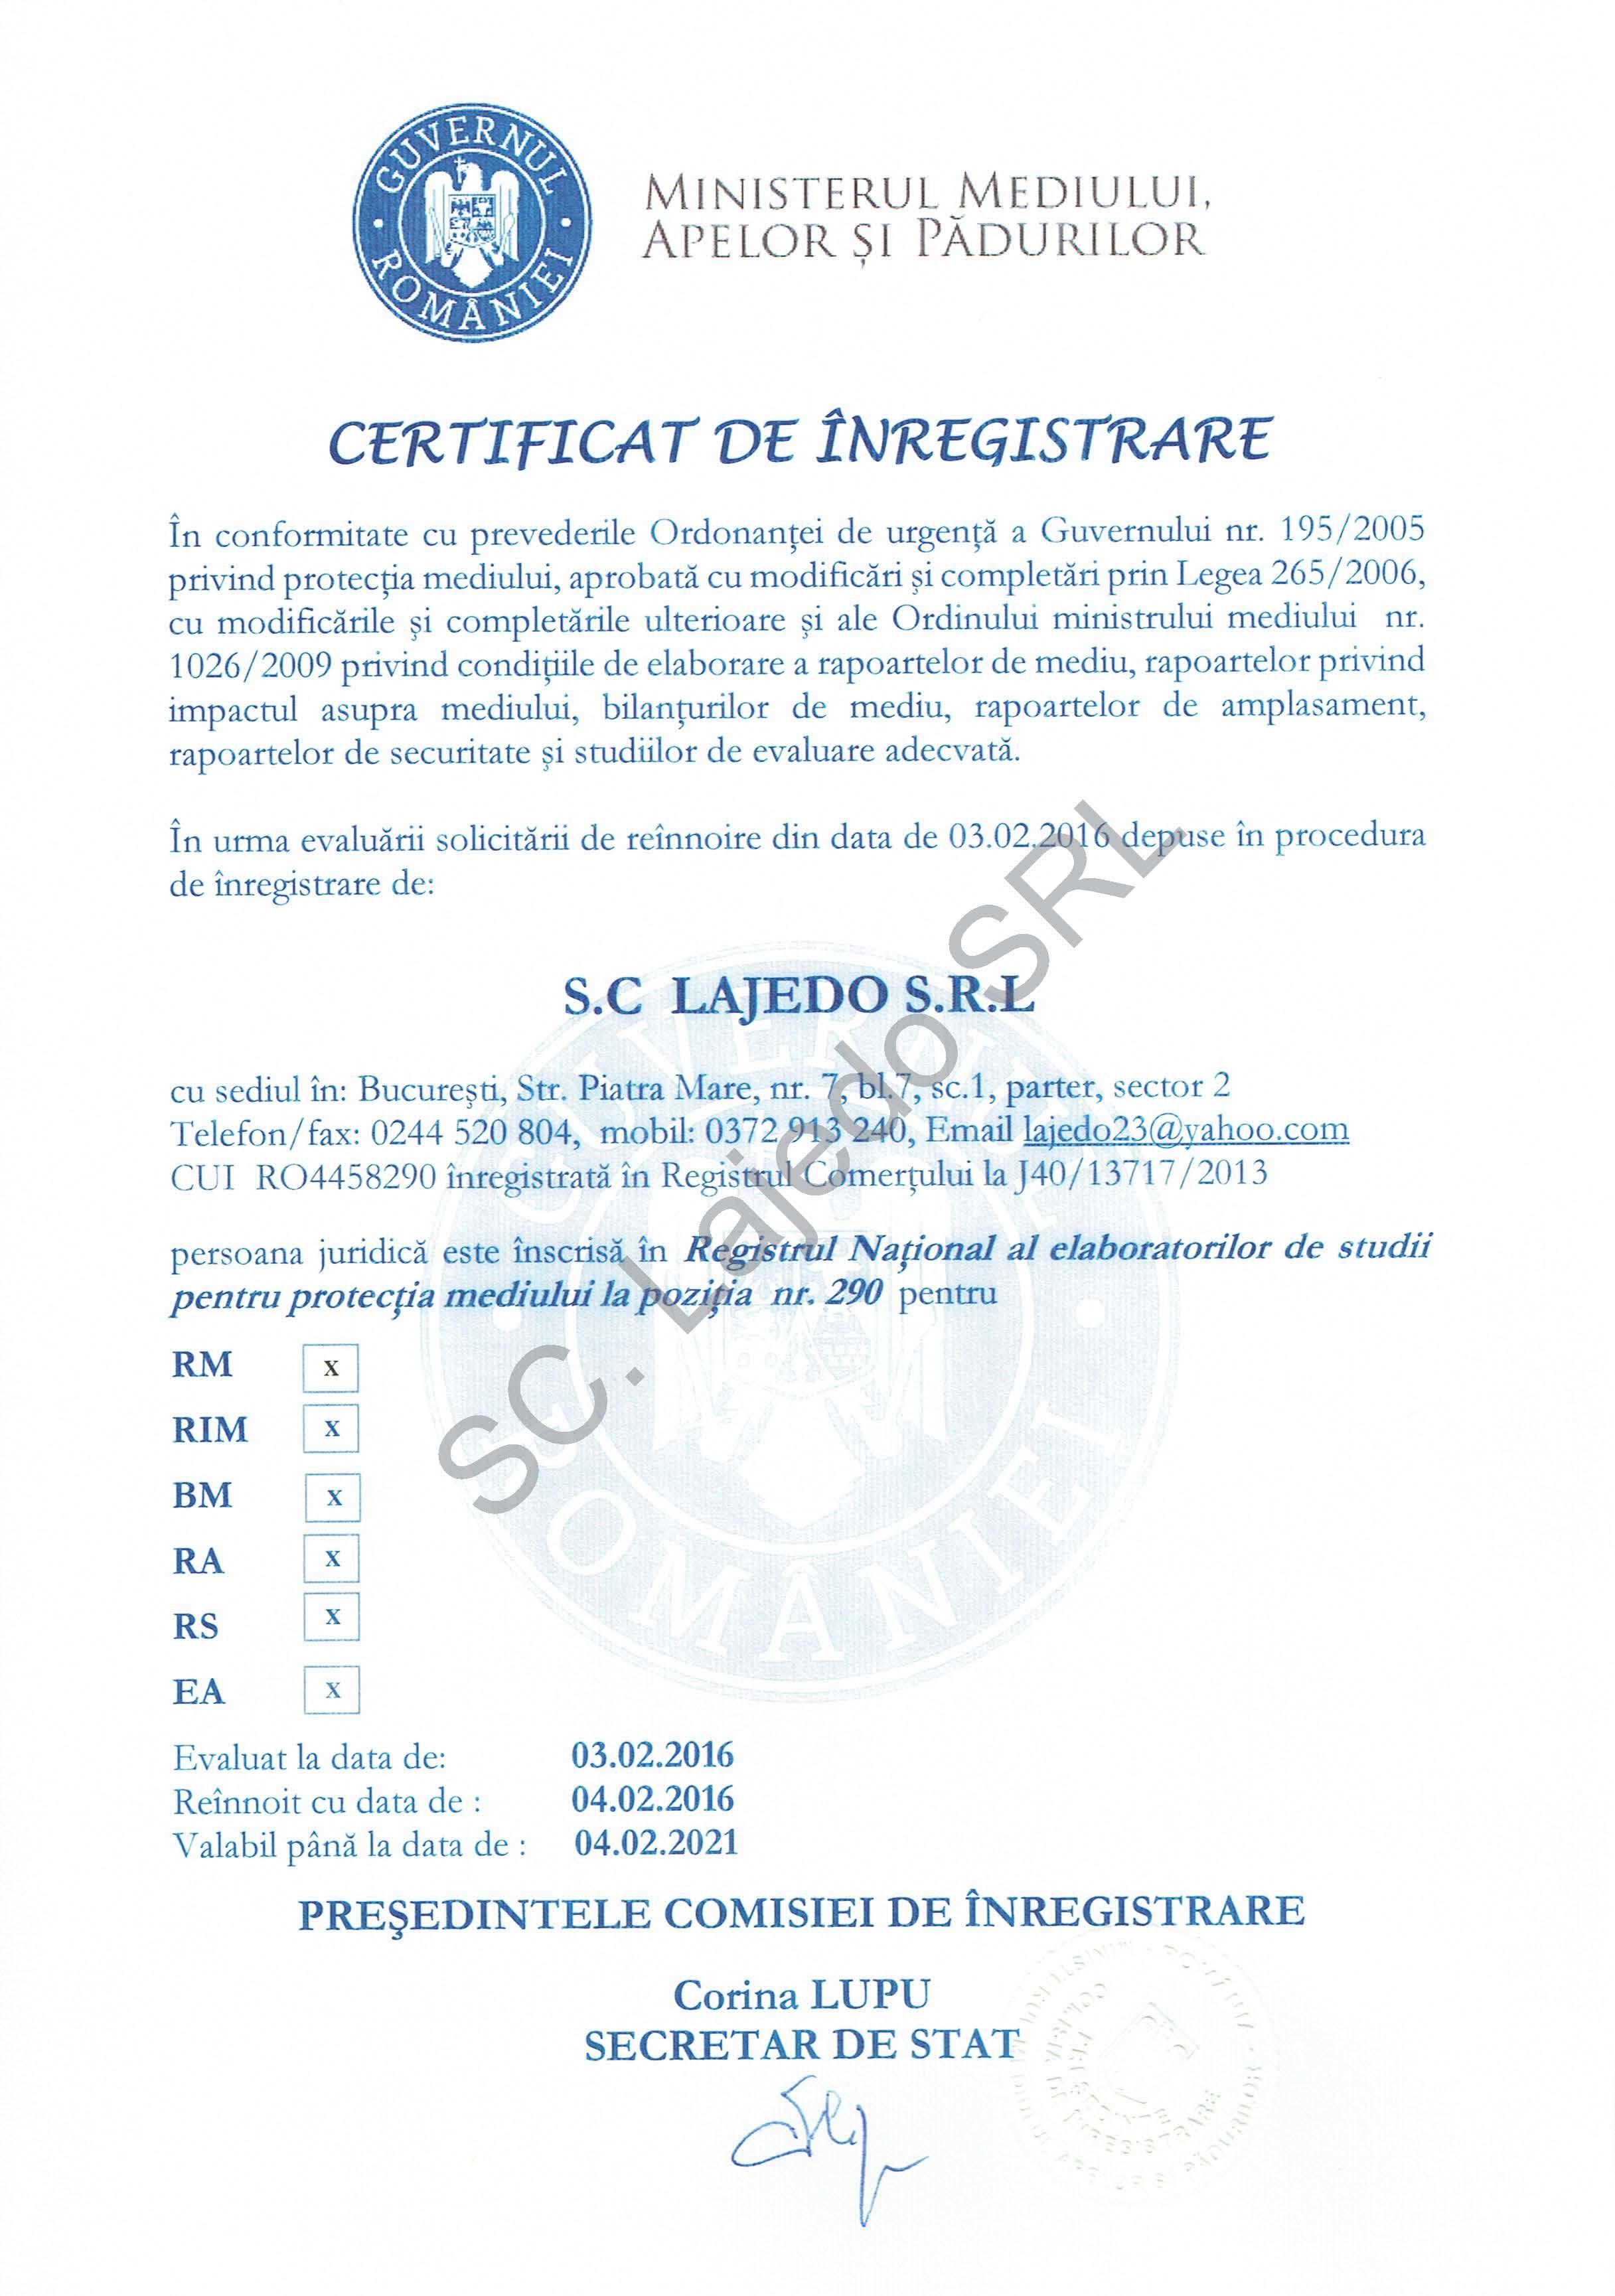 Certificat inregistrare Ministerul Mediului